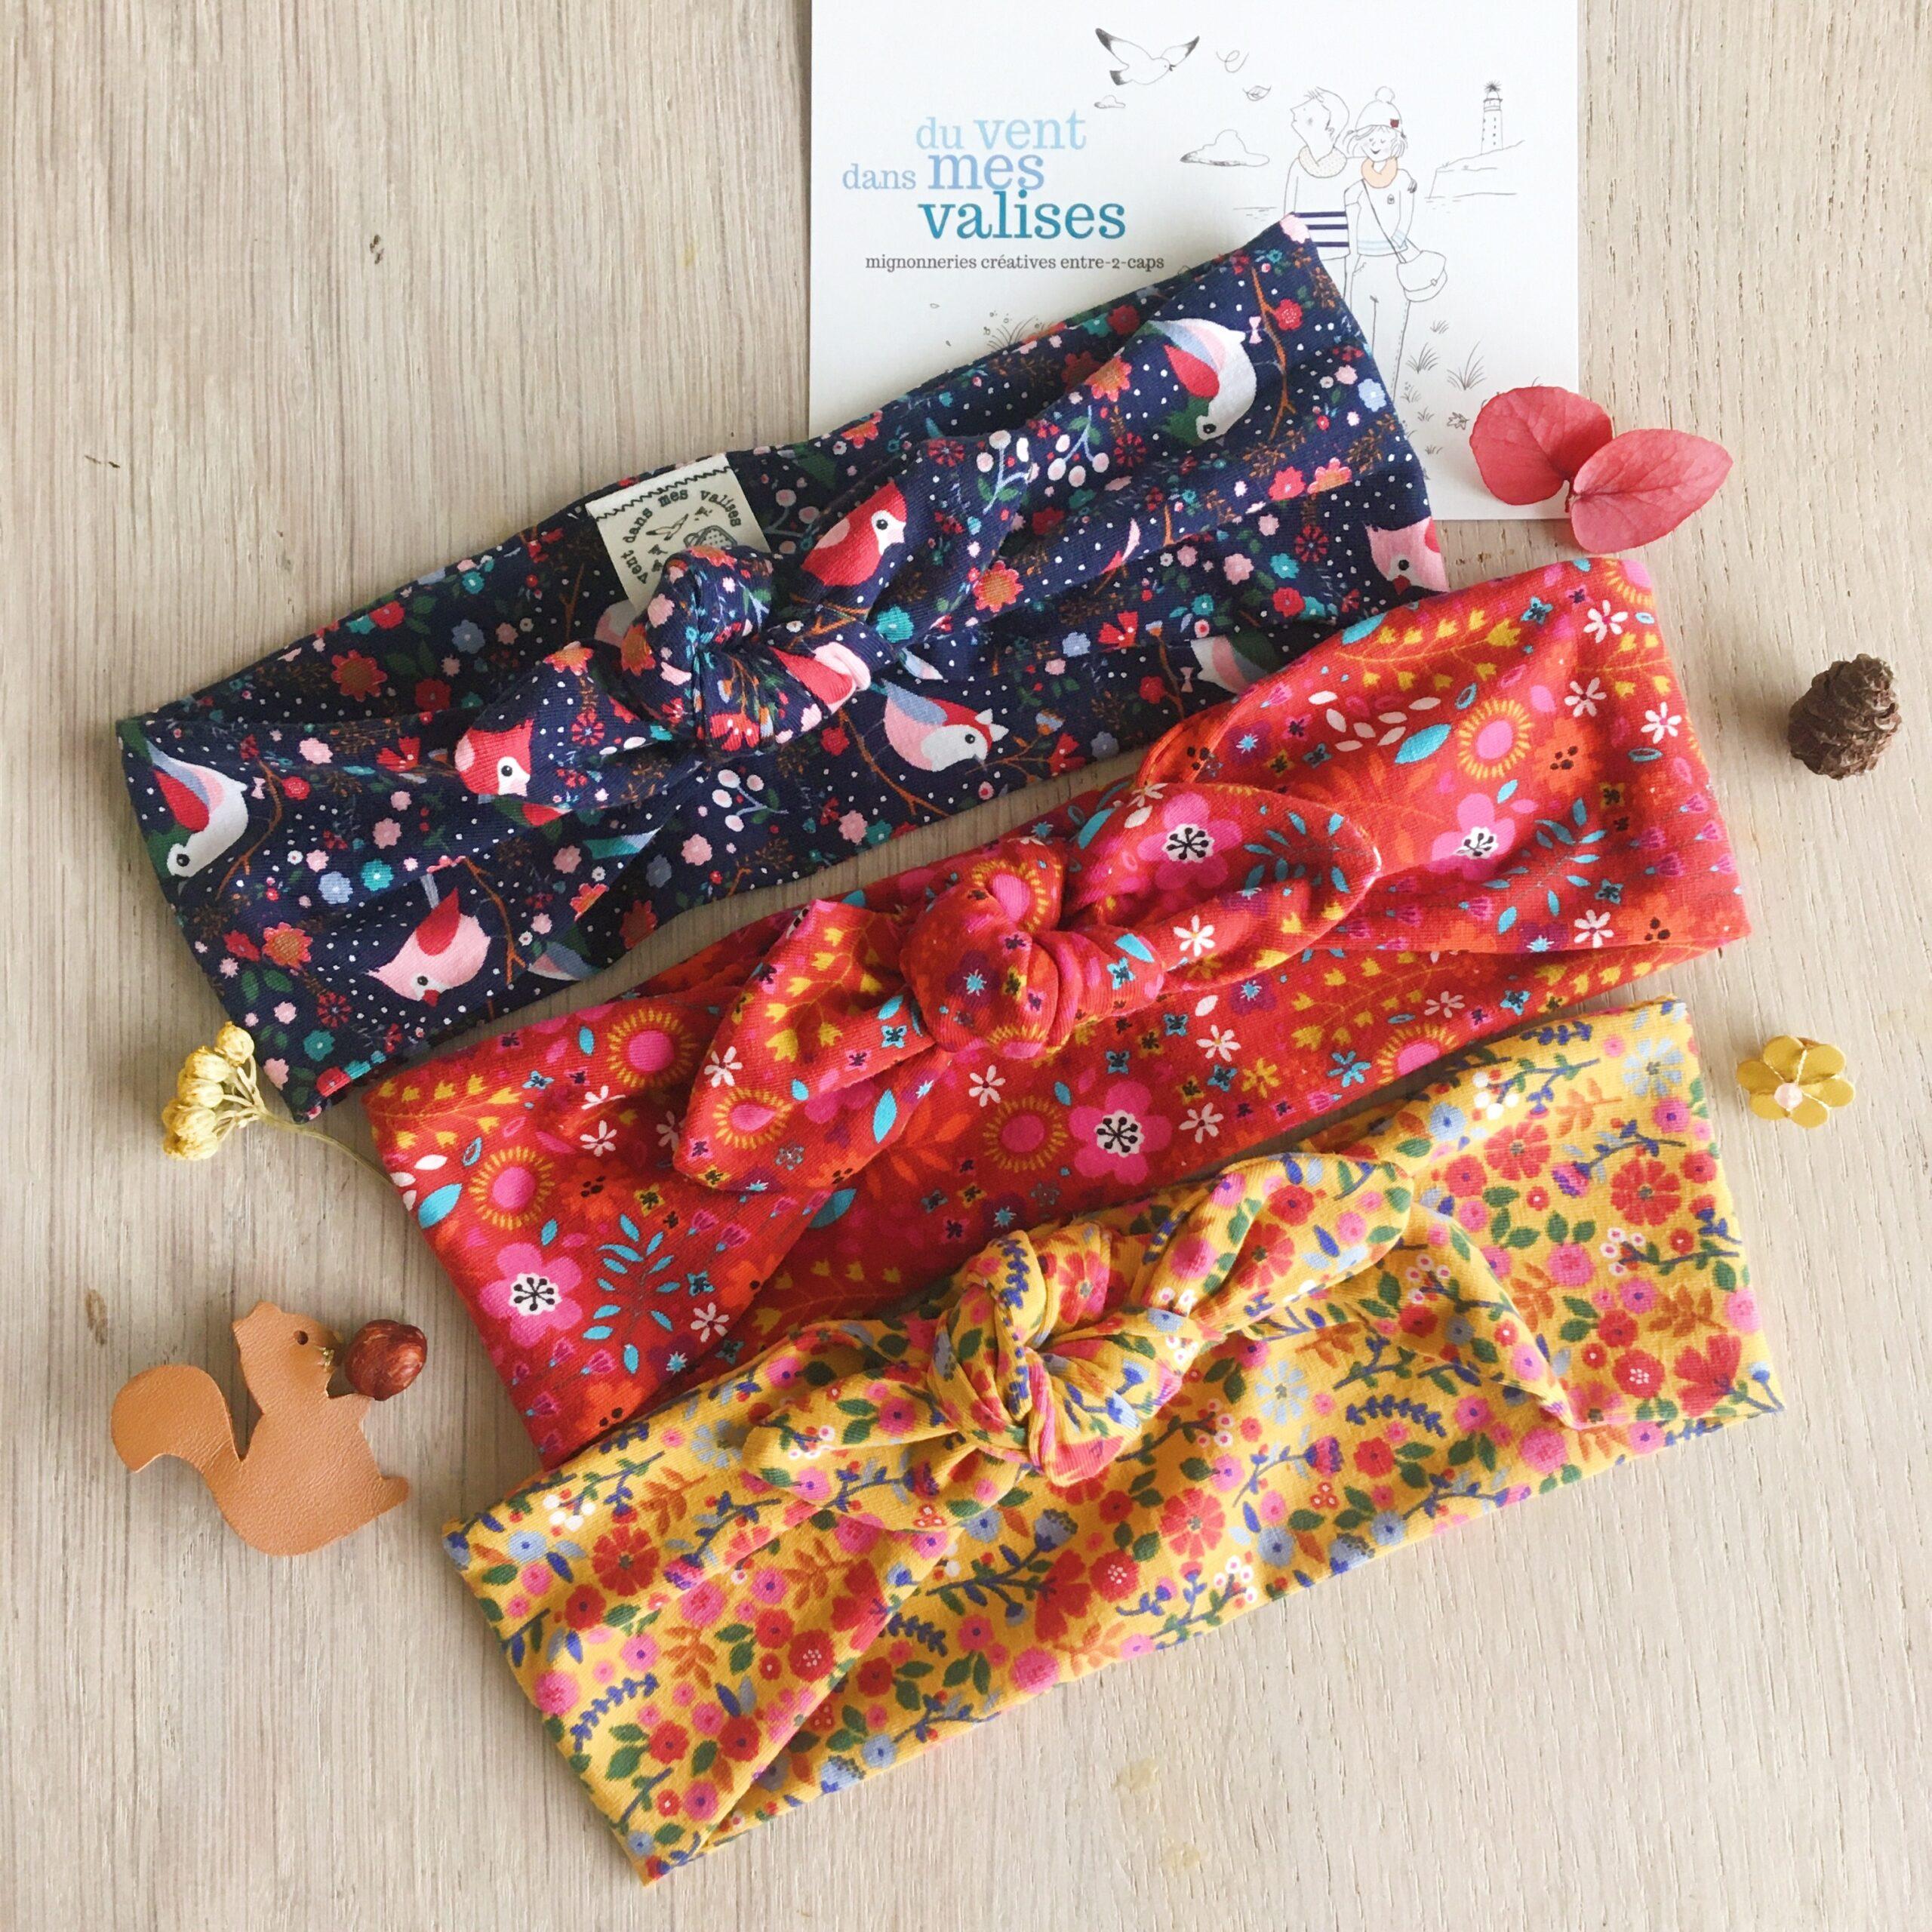 bandeau femme et fille fleuris folk bohème chic confection artisanale française en coton doux - du vent dans mes valises